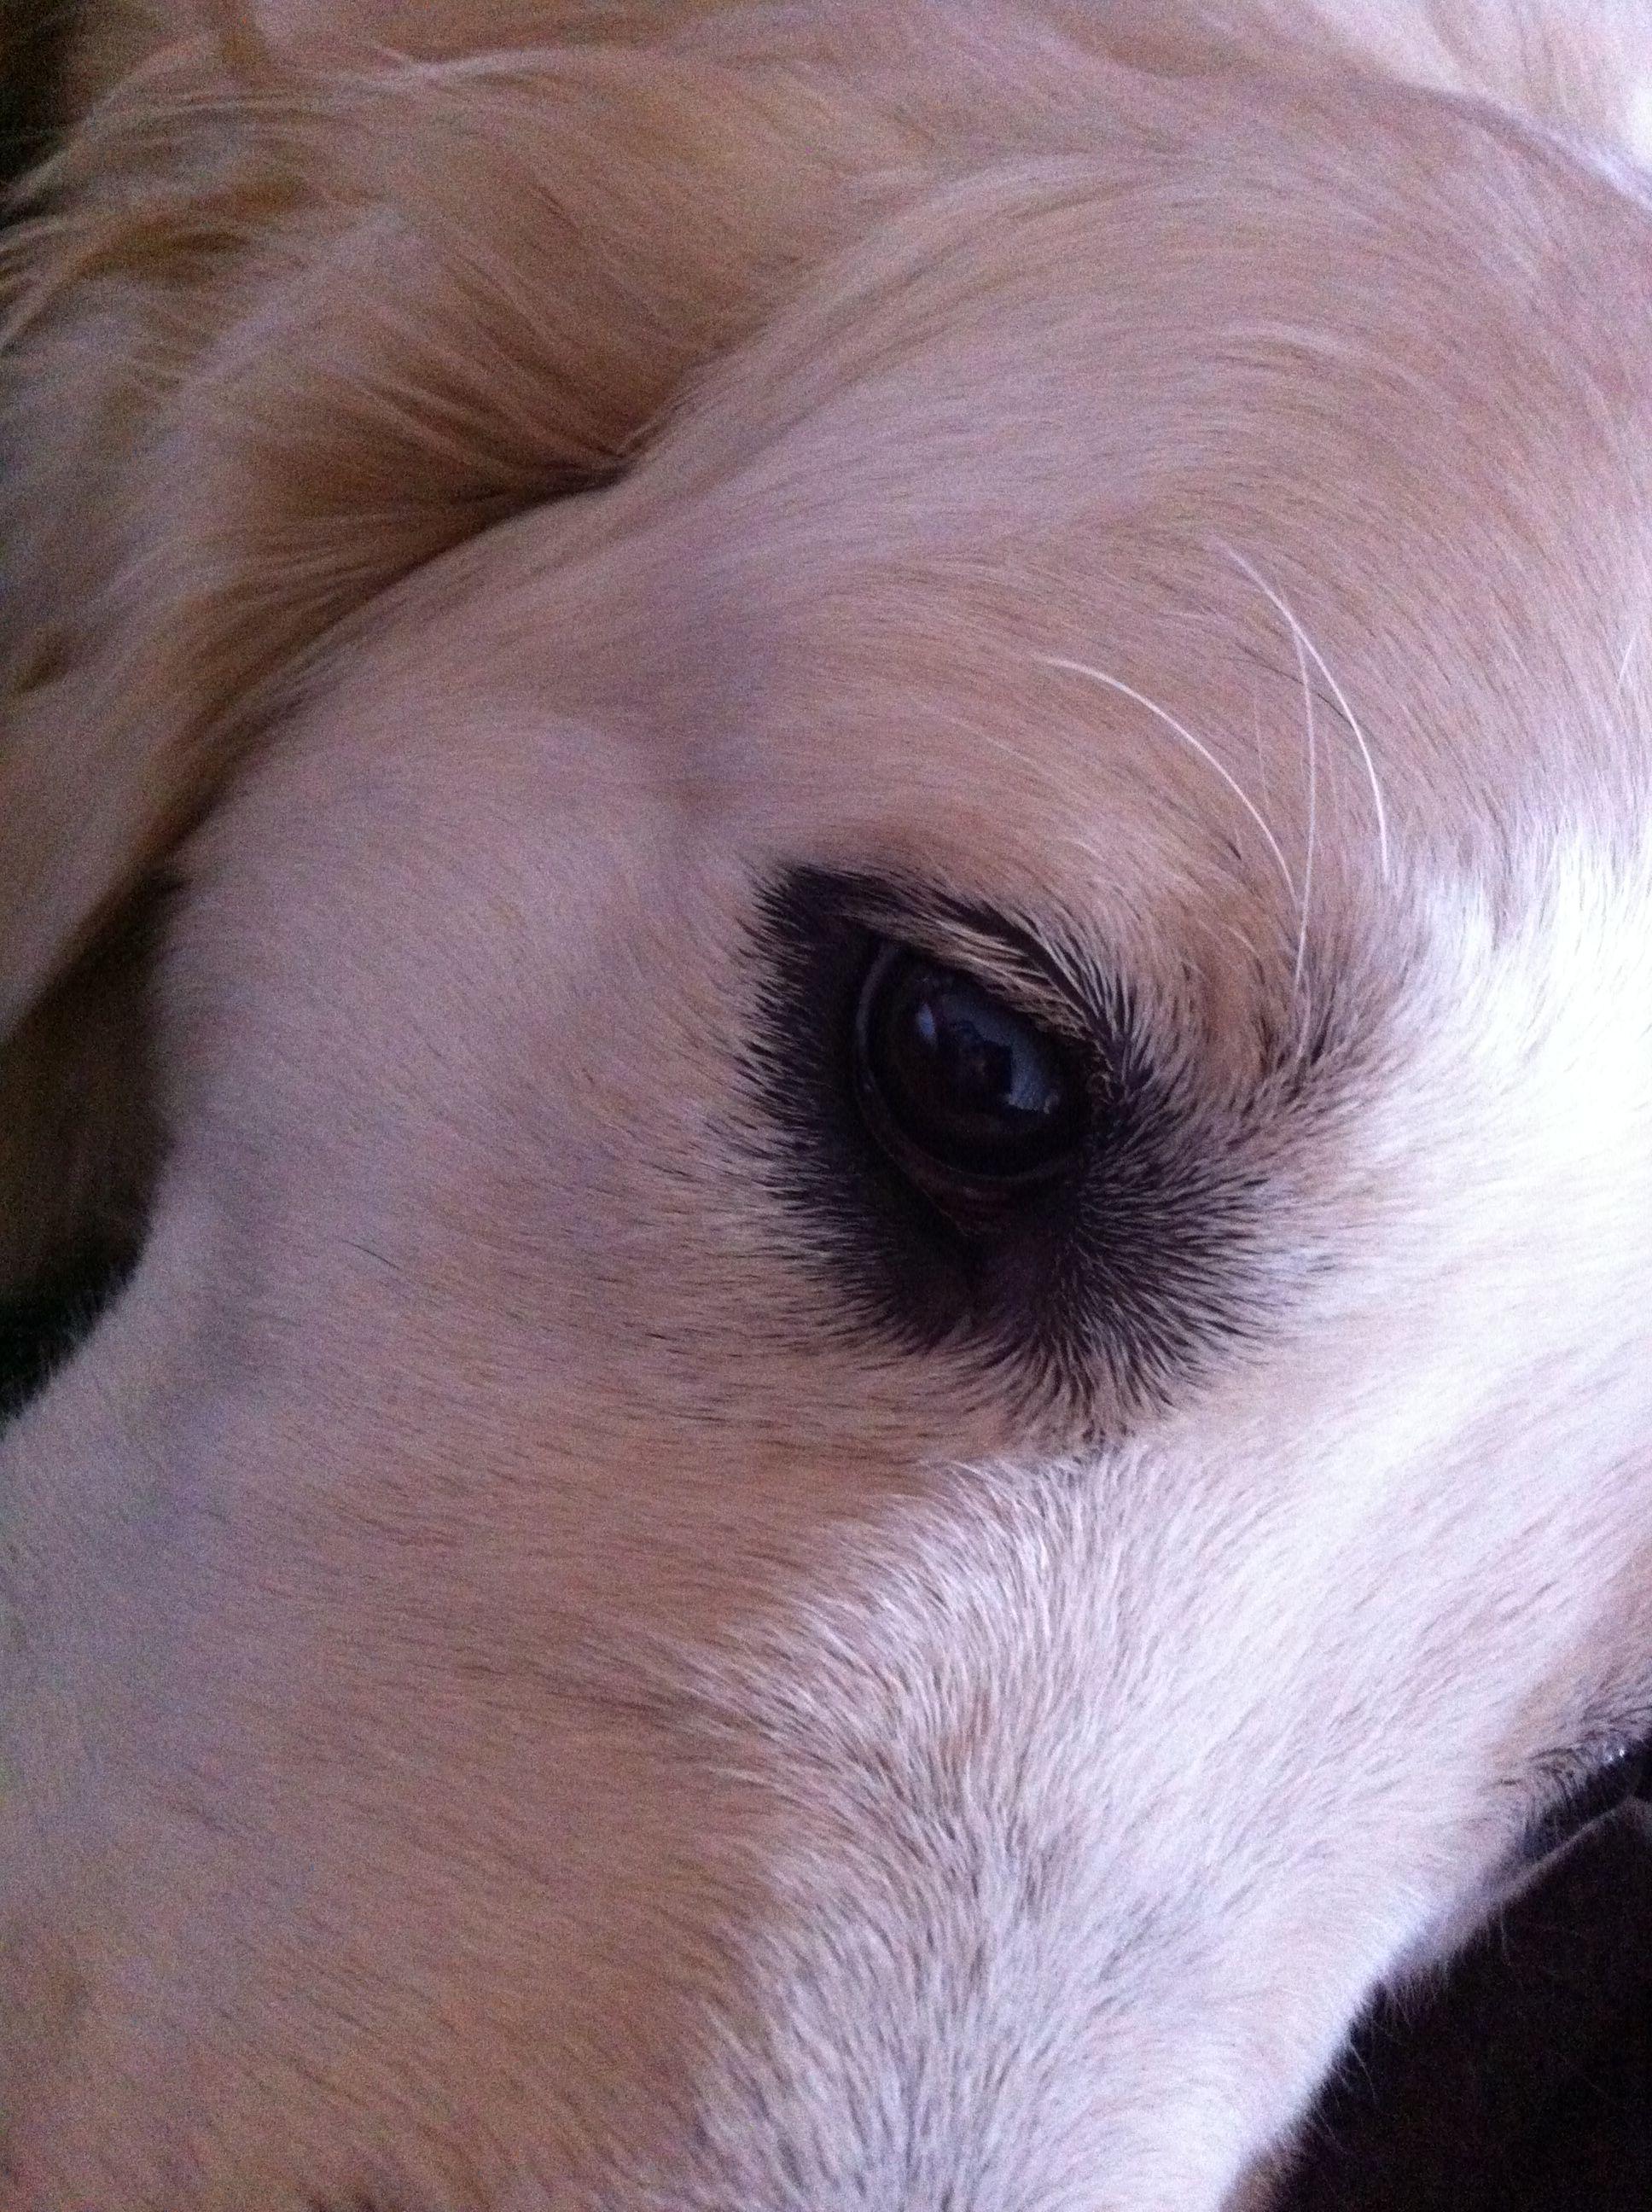 Aslan's eye